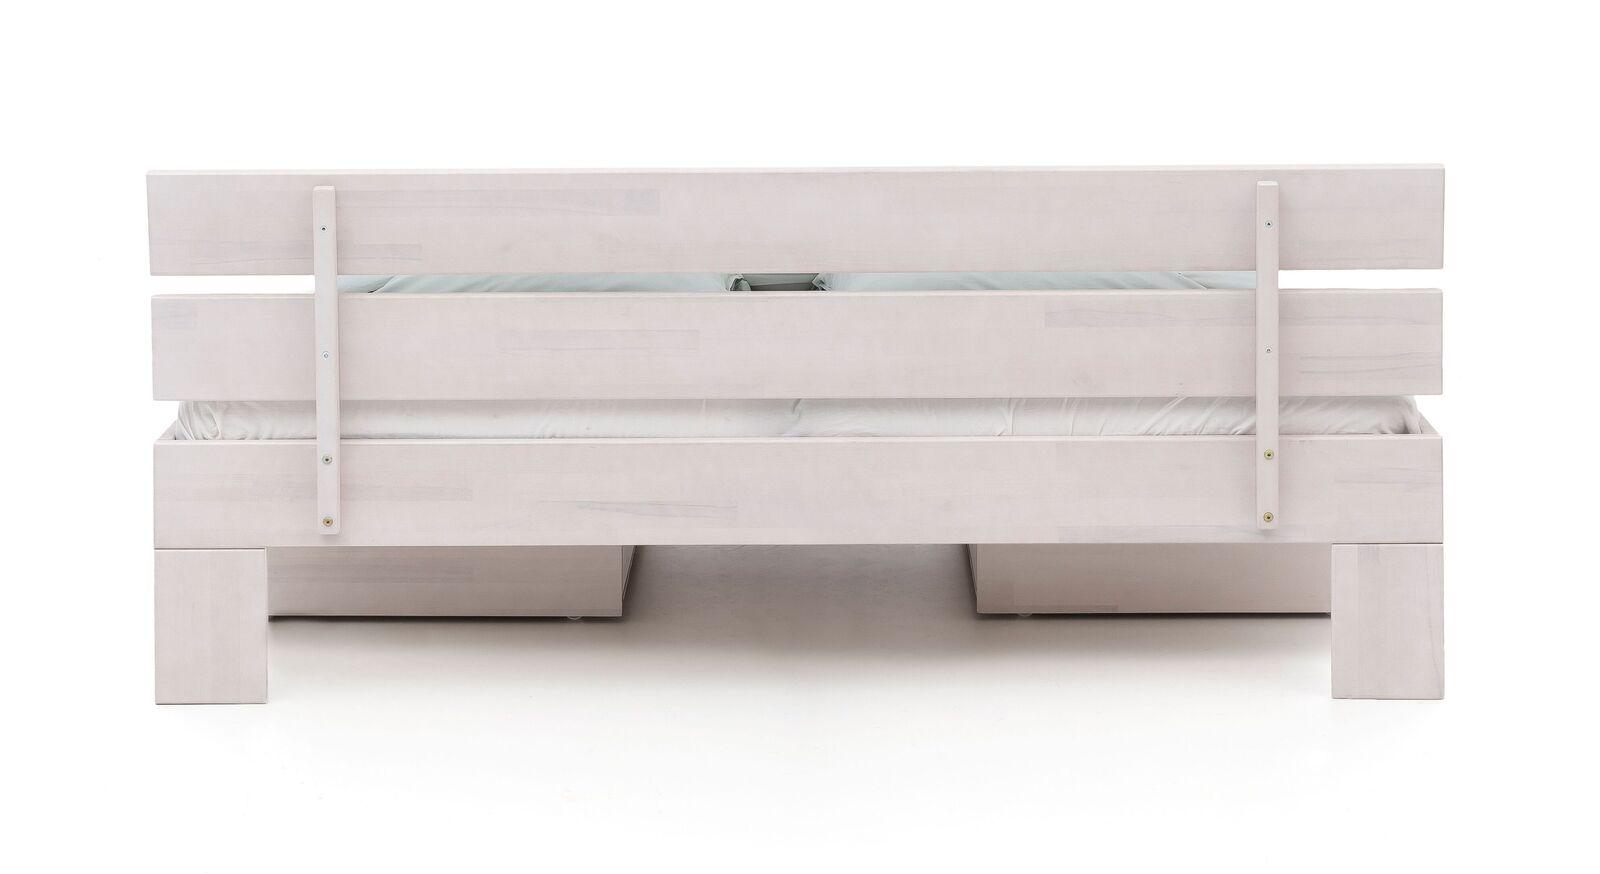 Schubkasten-Bett Valor mit festen Schraubverbindungen